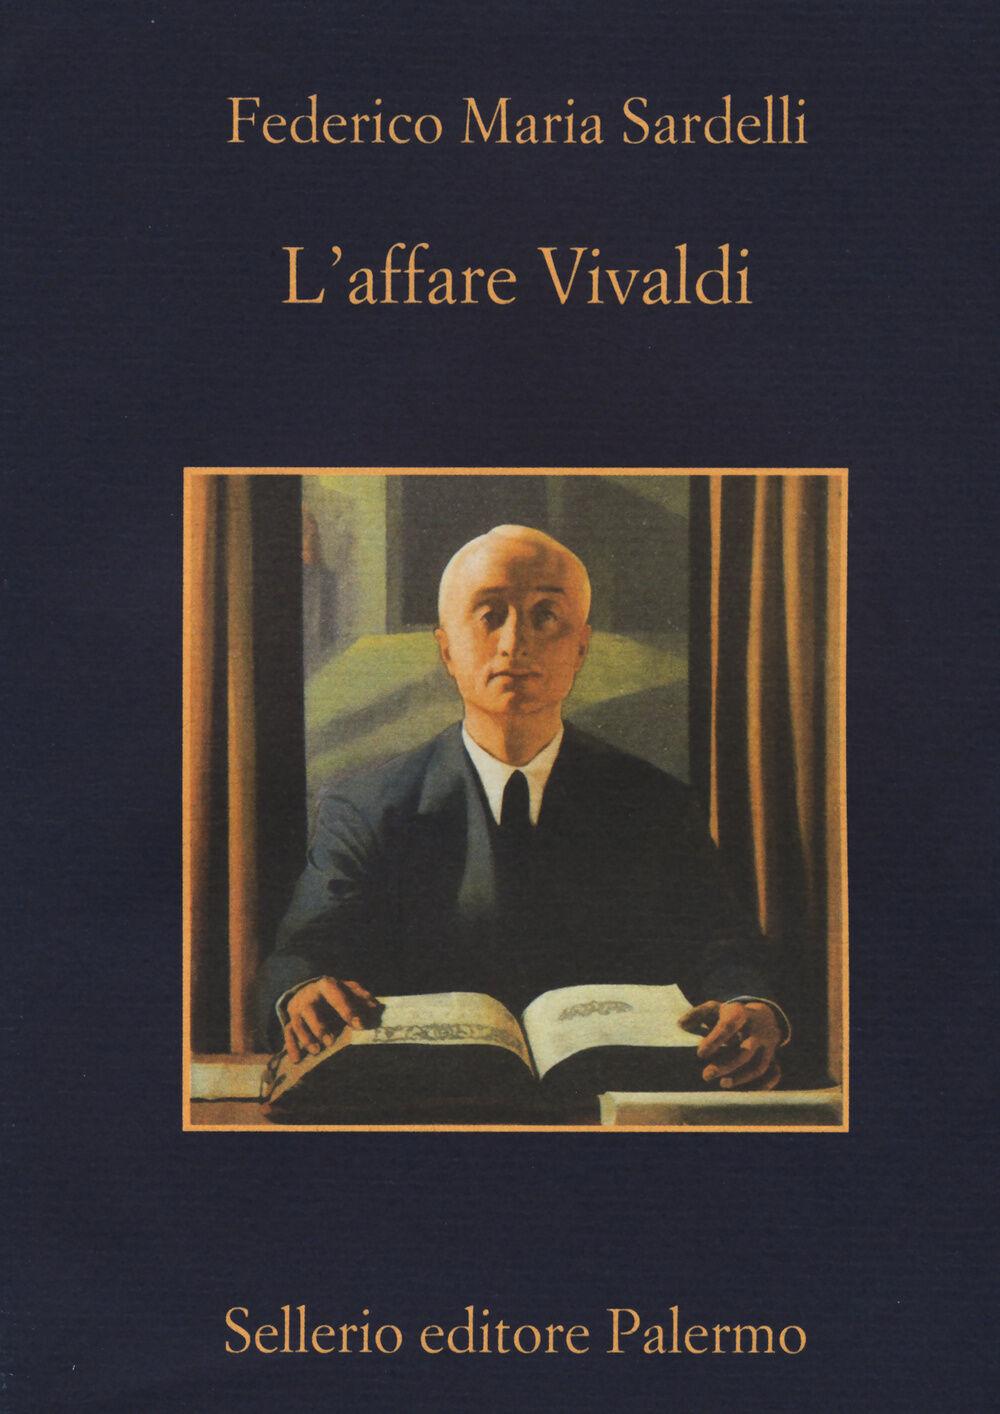 L' affare Vivaldi